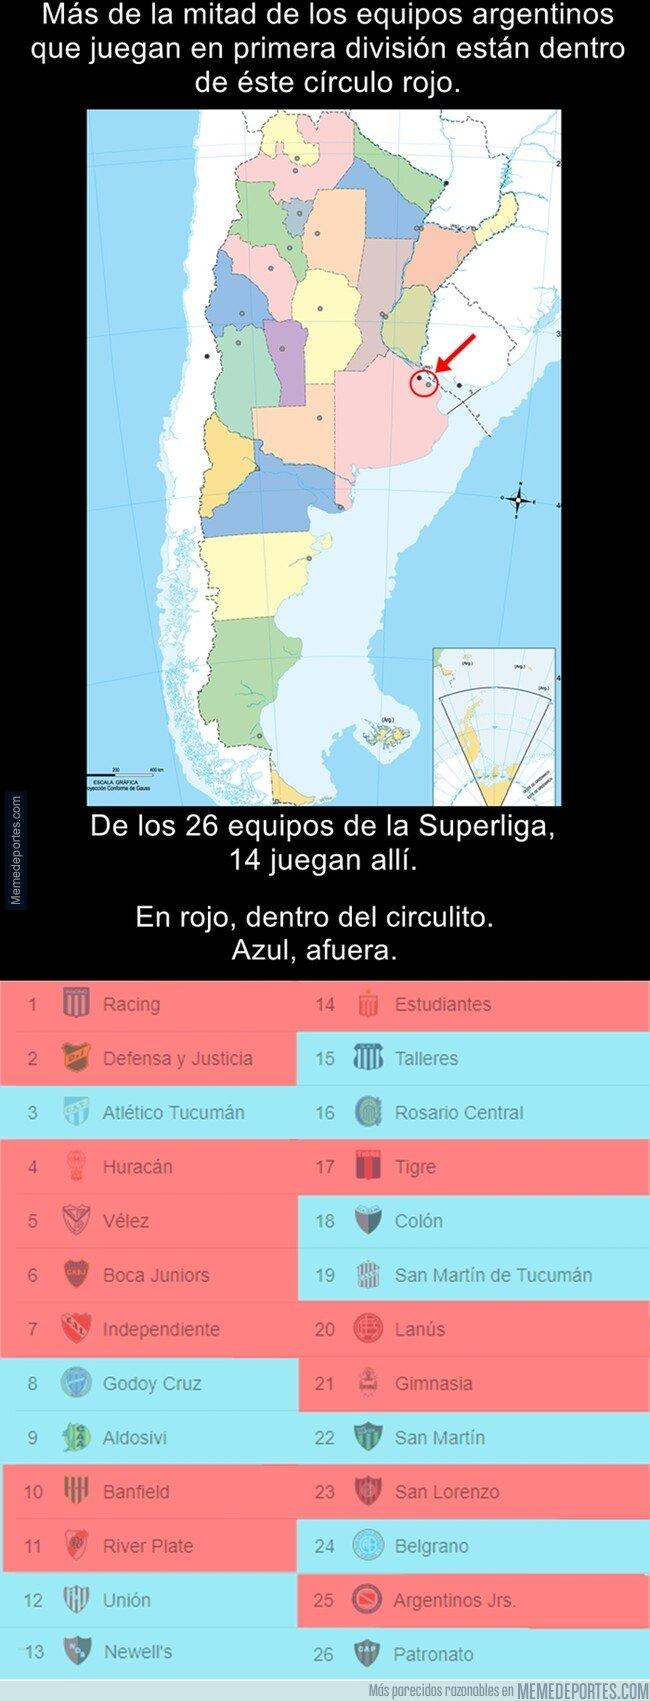 1059561 - La extraña distribución geográfica de la liga argentina